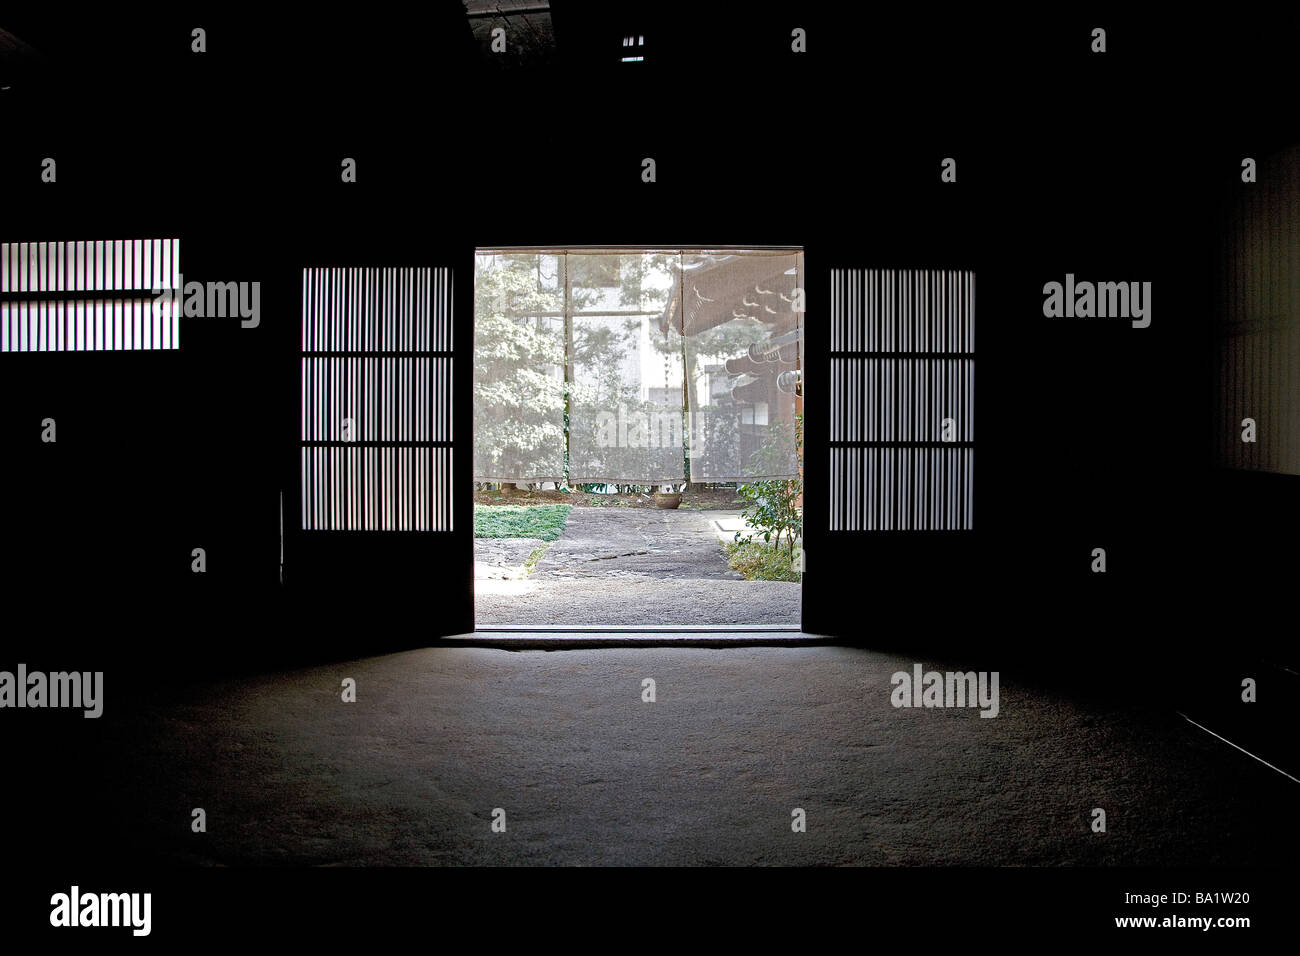 Open Door of House with Earthen Floor - Stock Image